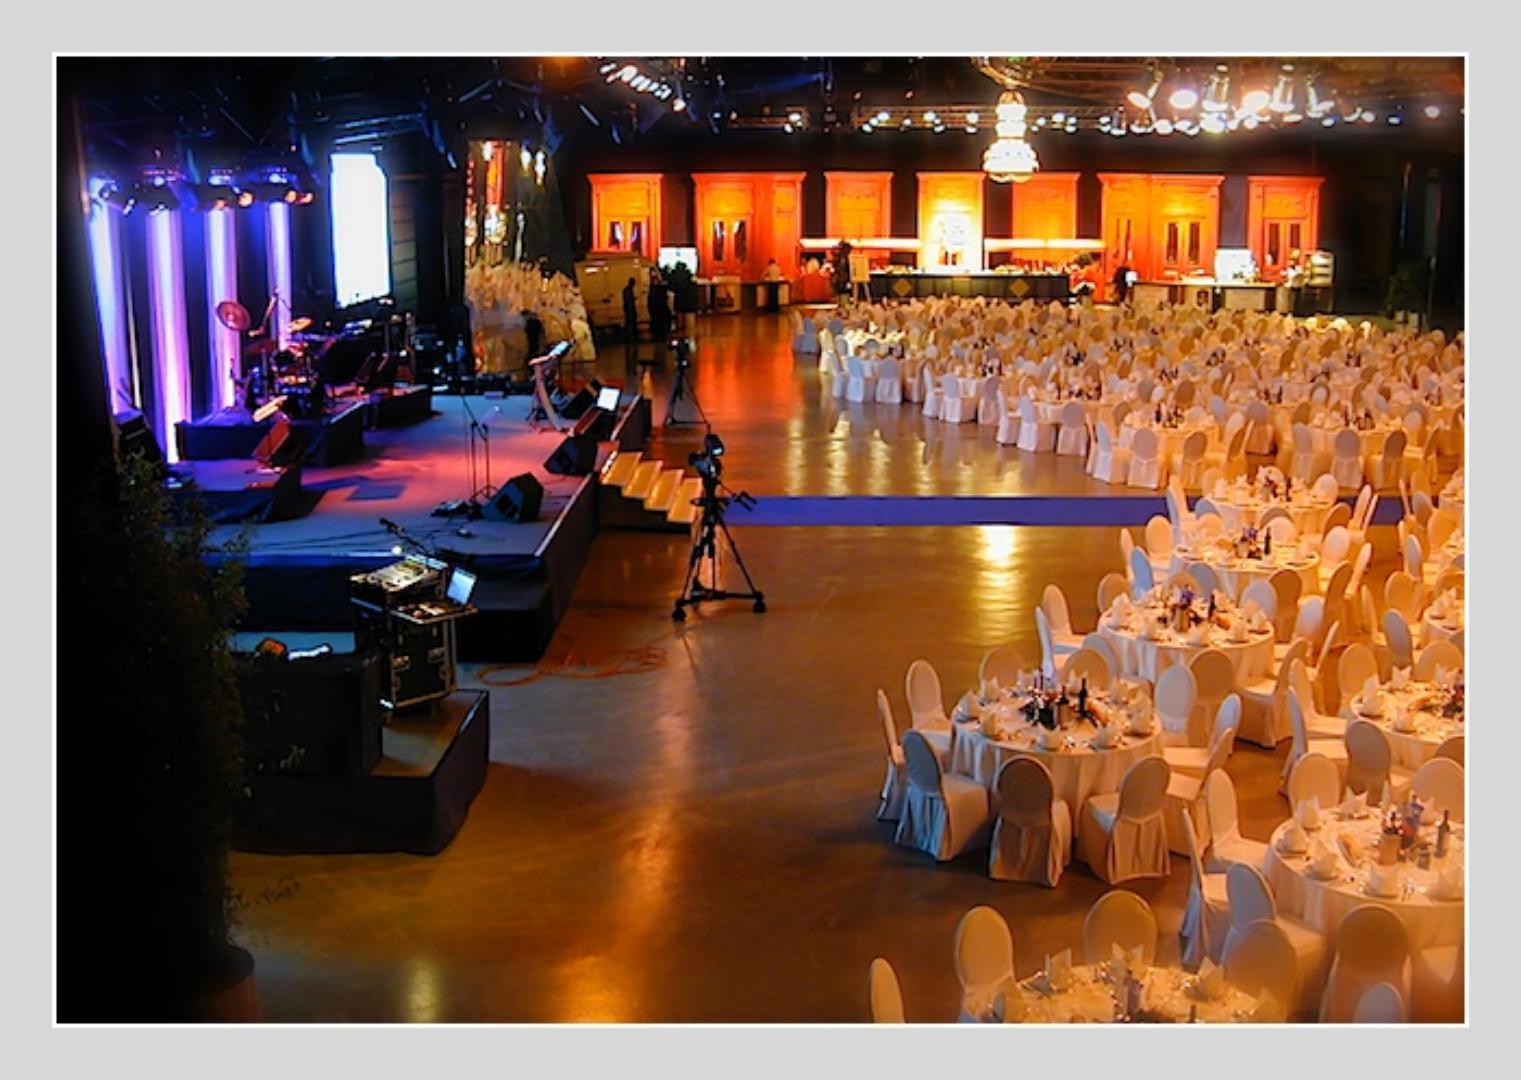 Multifunktionshalle In Braunschweig Club Restaurant